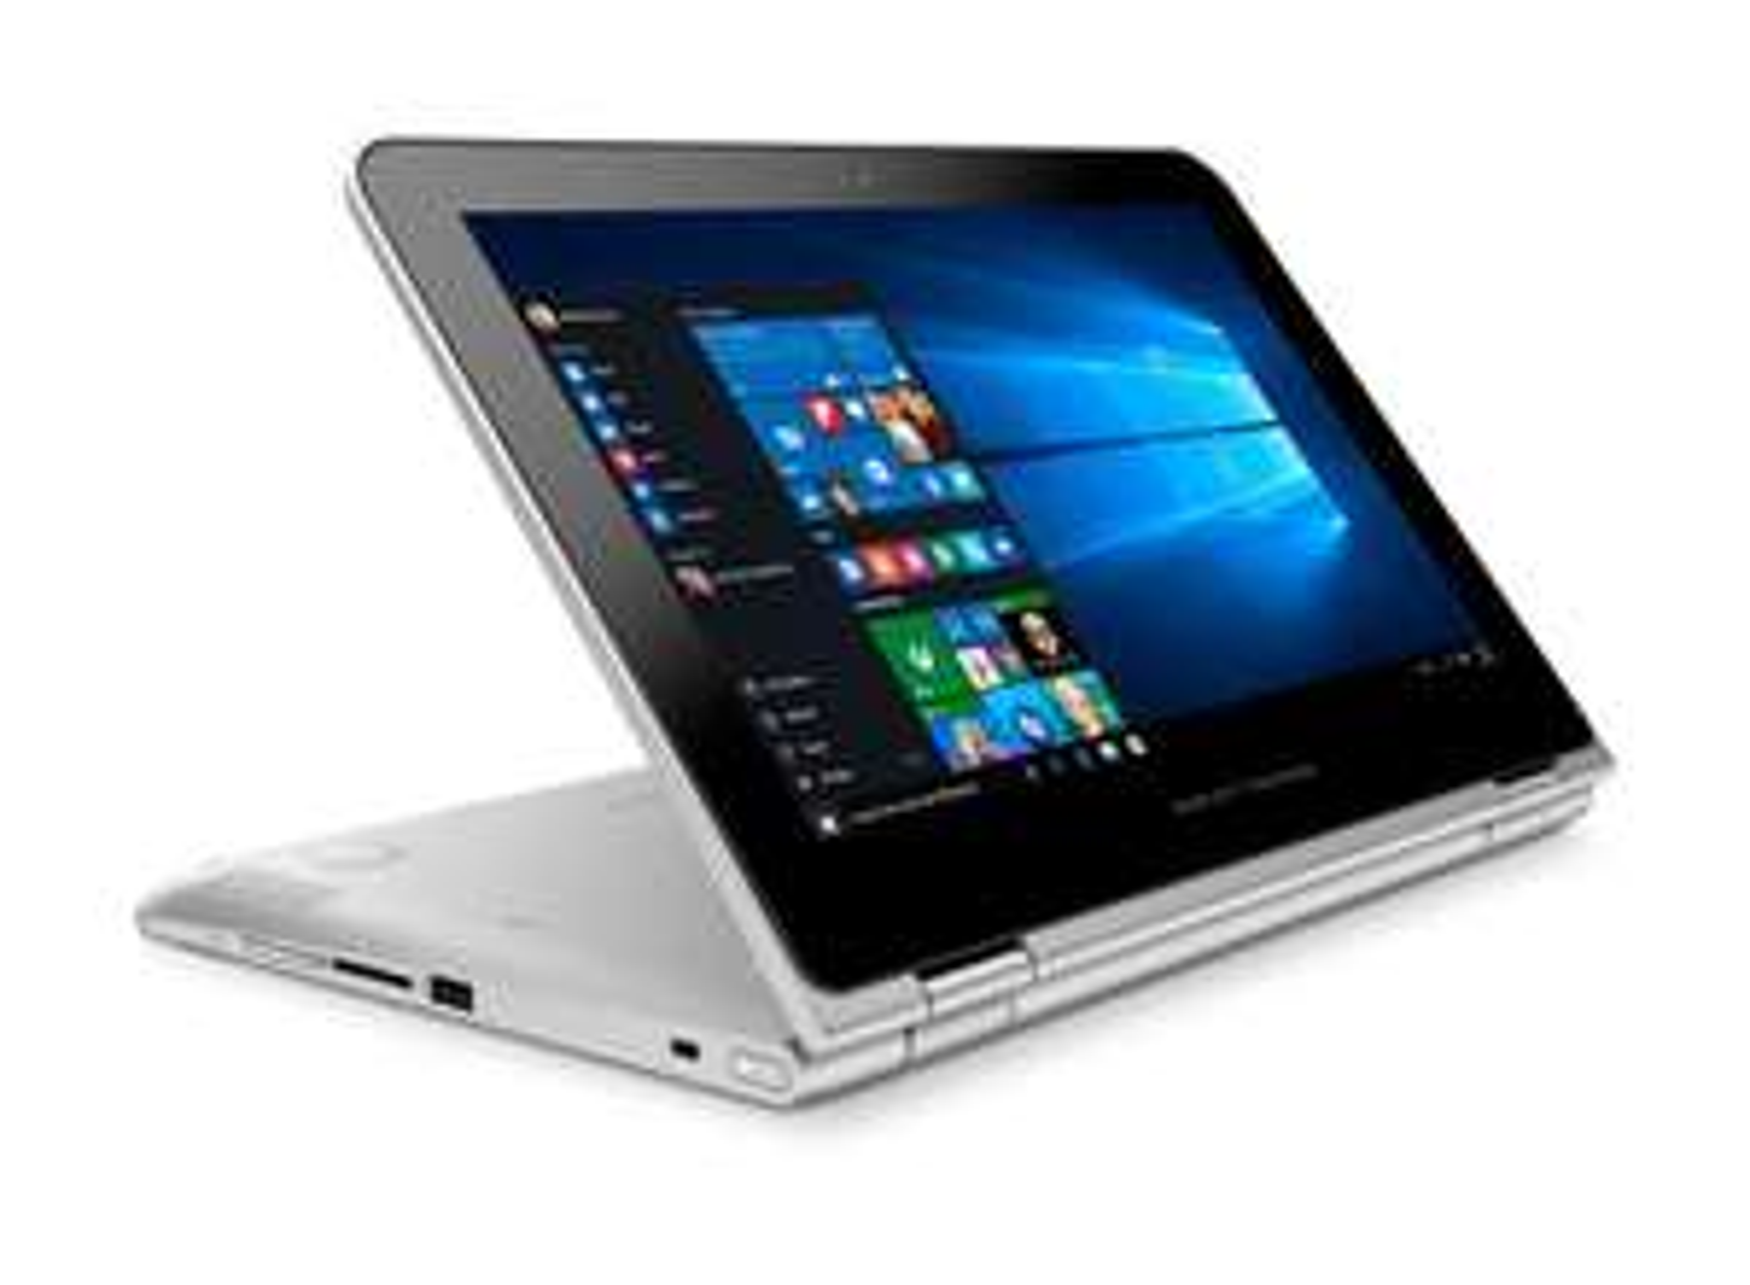 """PC Portable 13.3"""" HP Pavilion x360 - Intel i5-6200U, 6 Go de Ram, 128 Go SSD"""